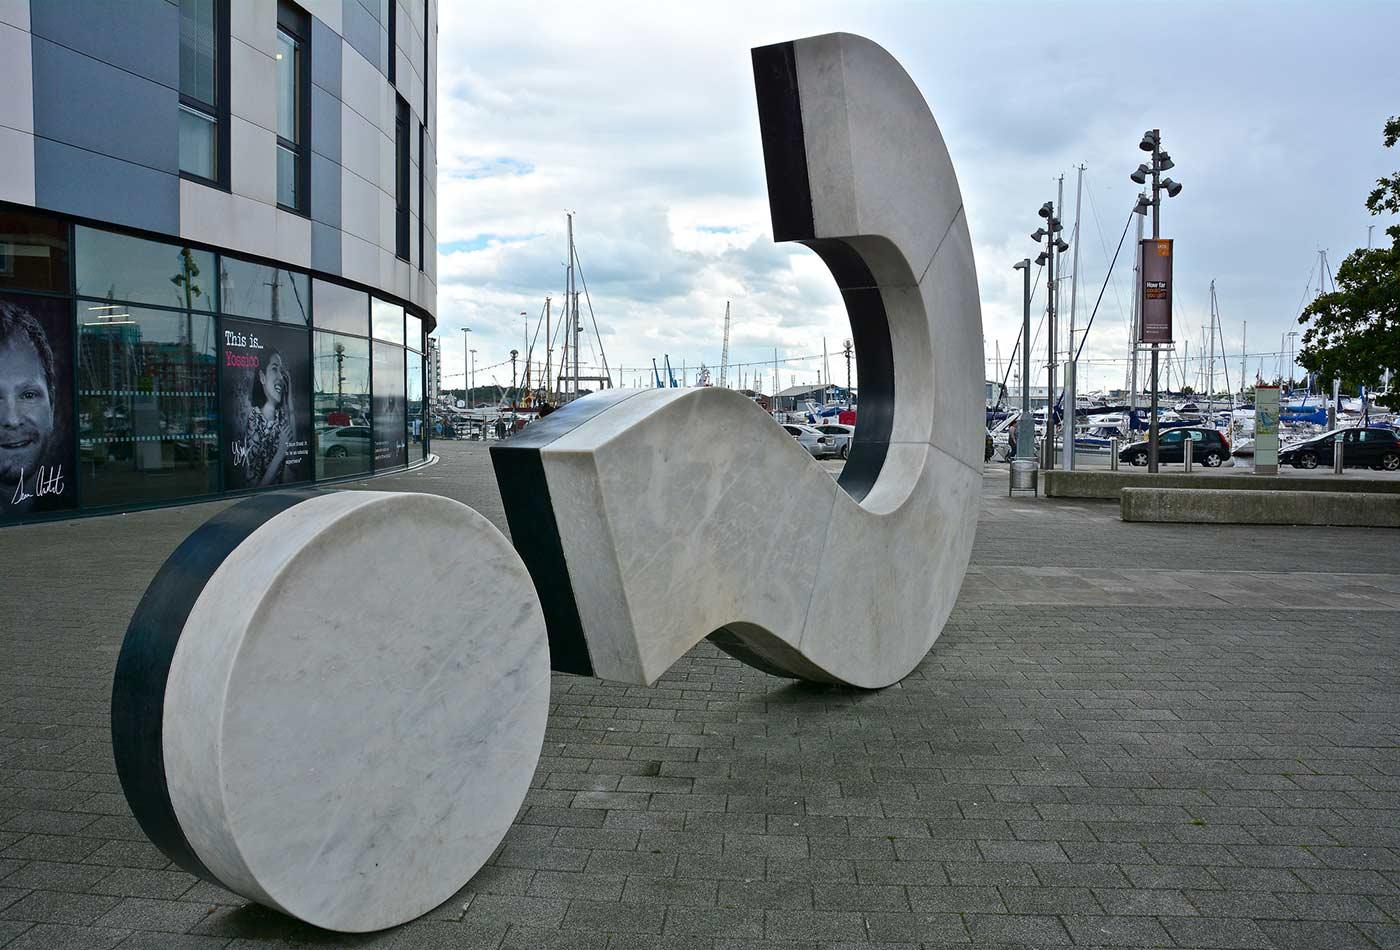 The Big Question Mark Sculpture